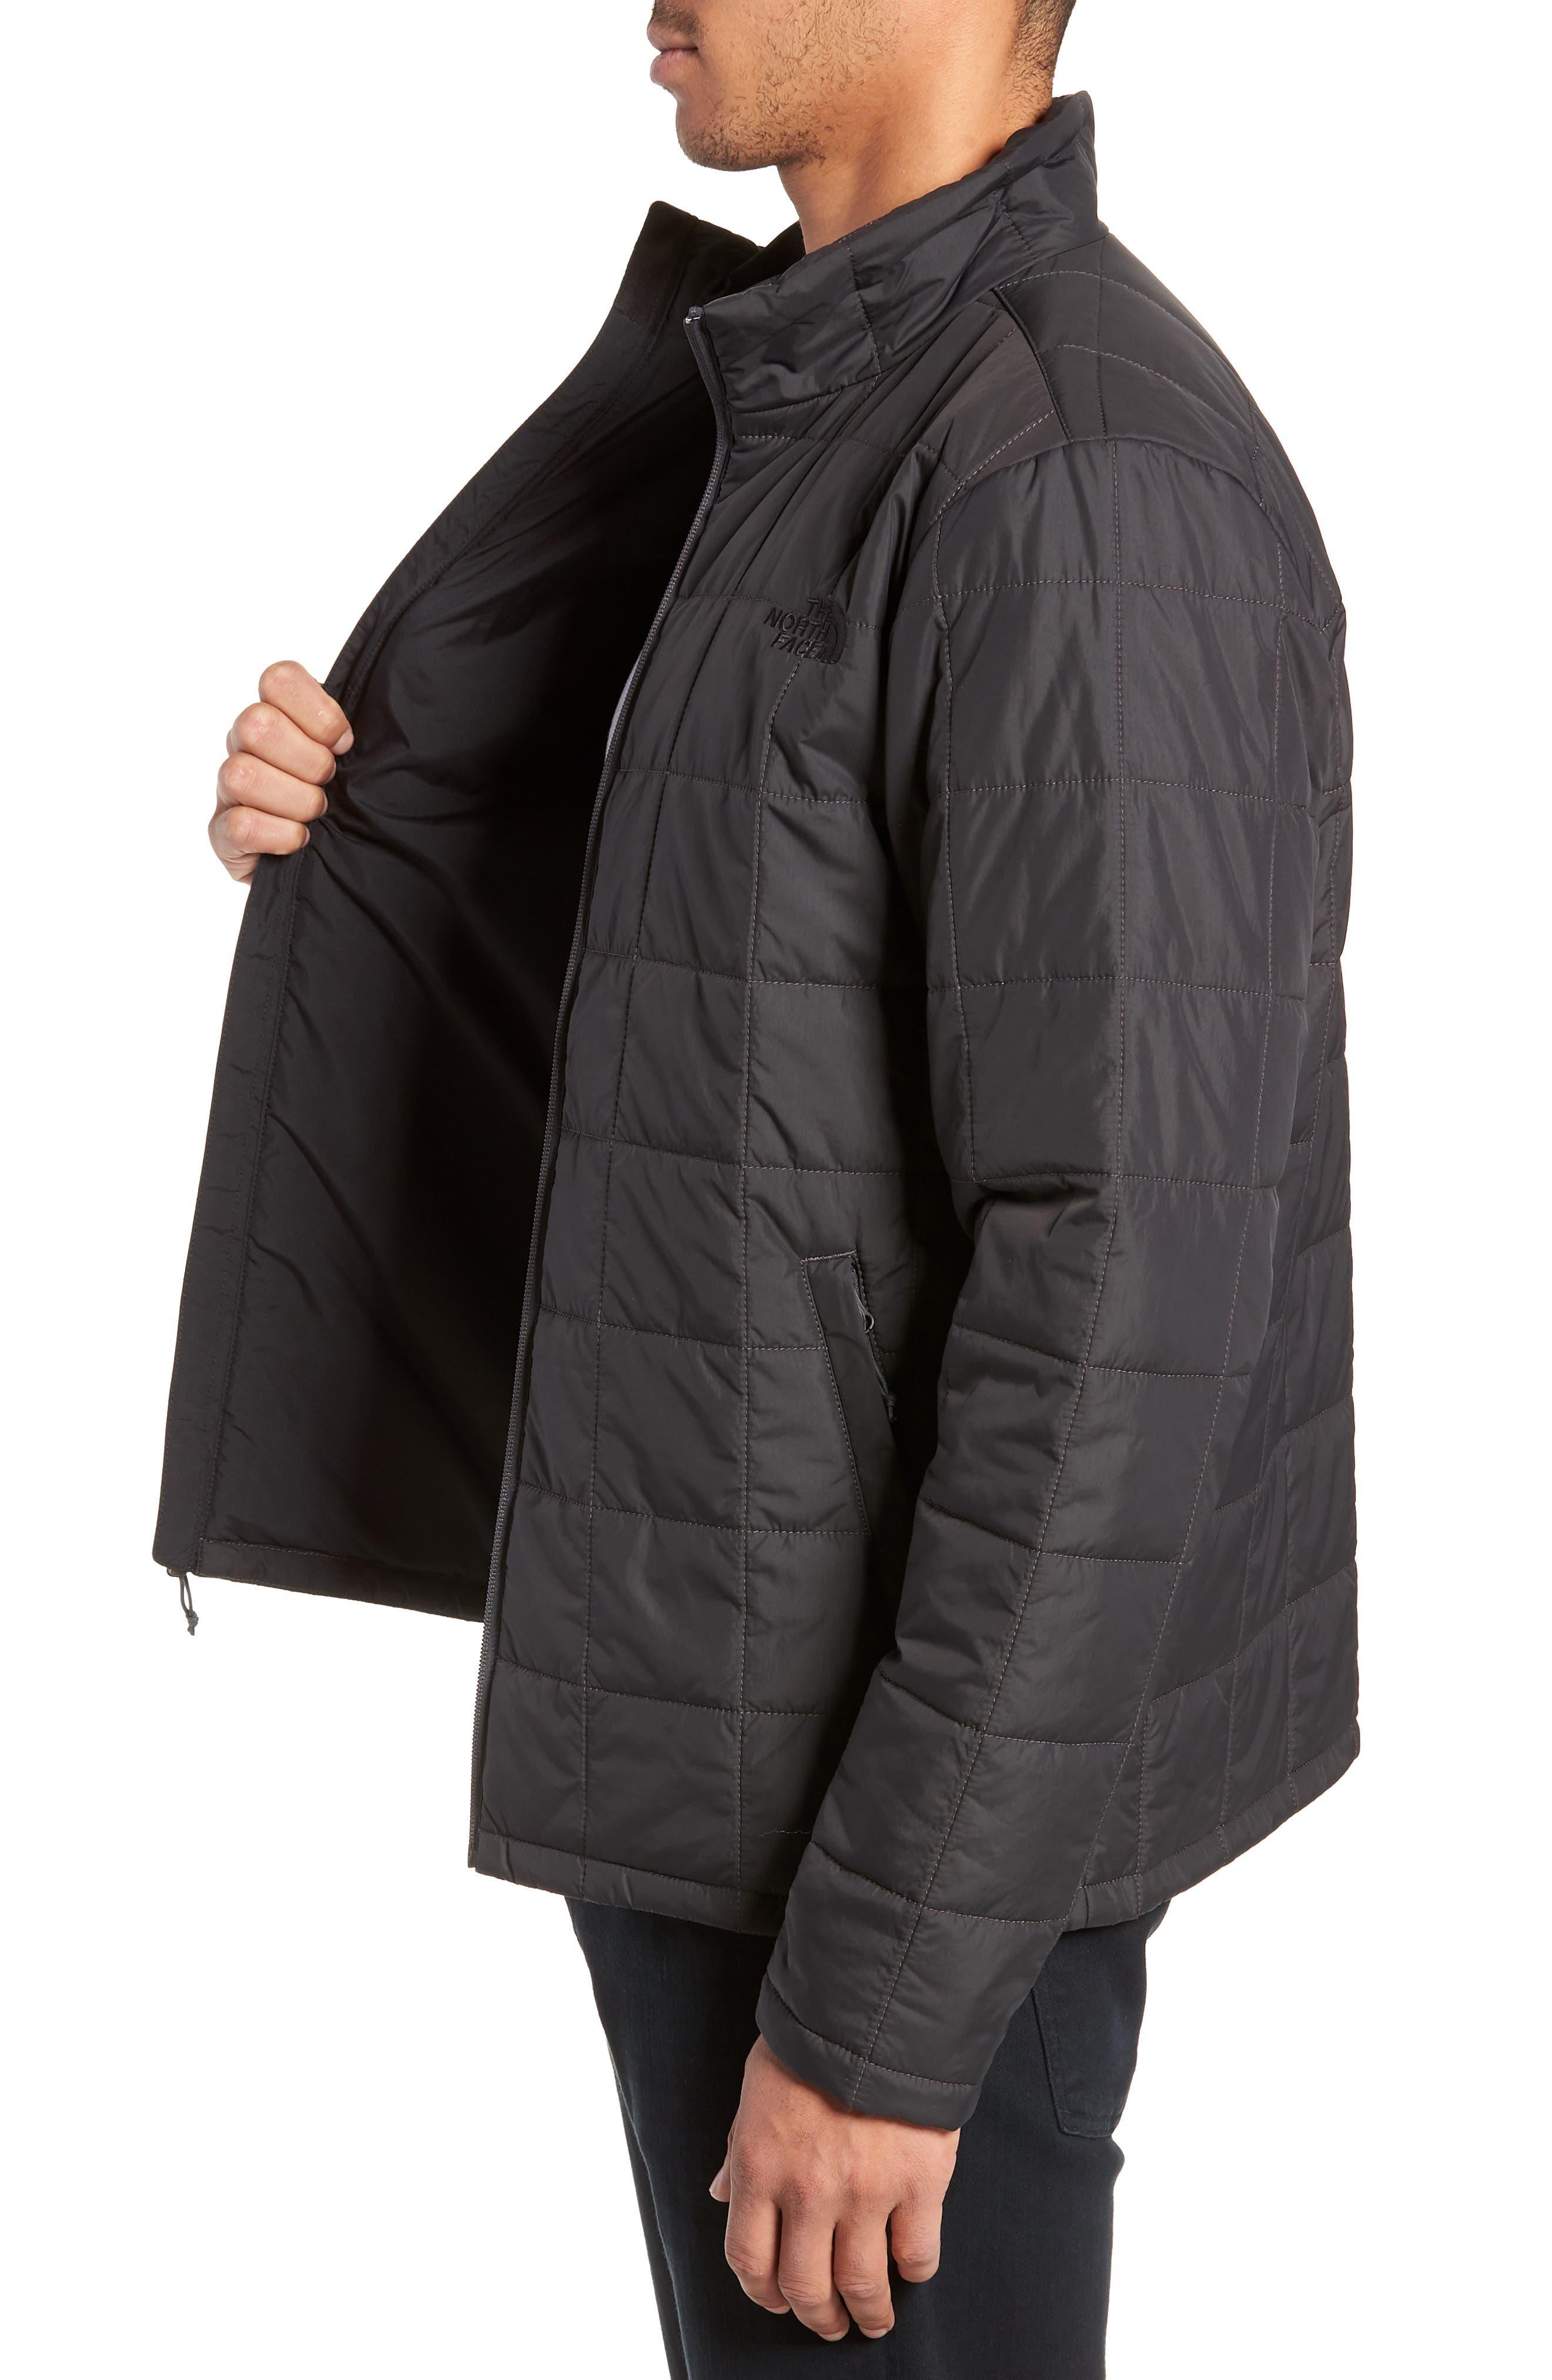 Harway Heatseaker<sup>™</sup> Jacket,                             Alternate thumbnail 5, color,                             Asphalt Grey